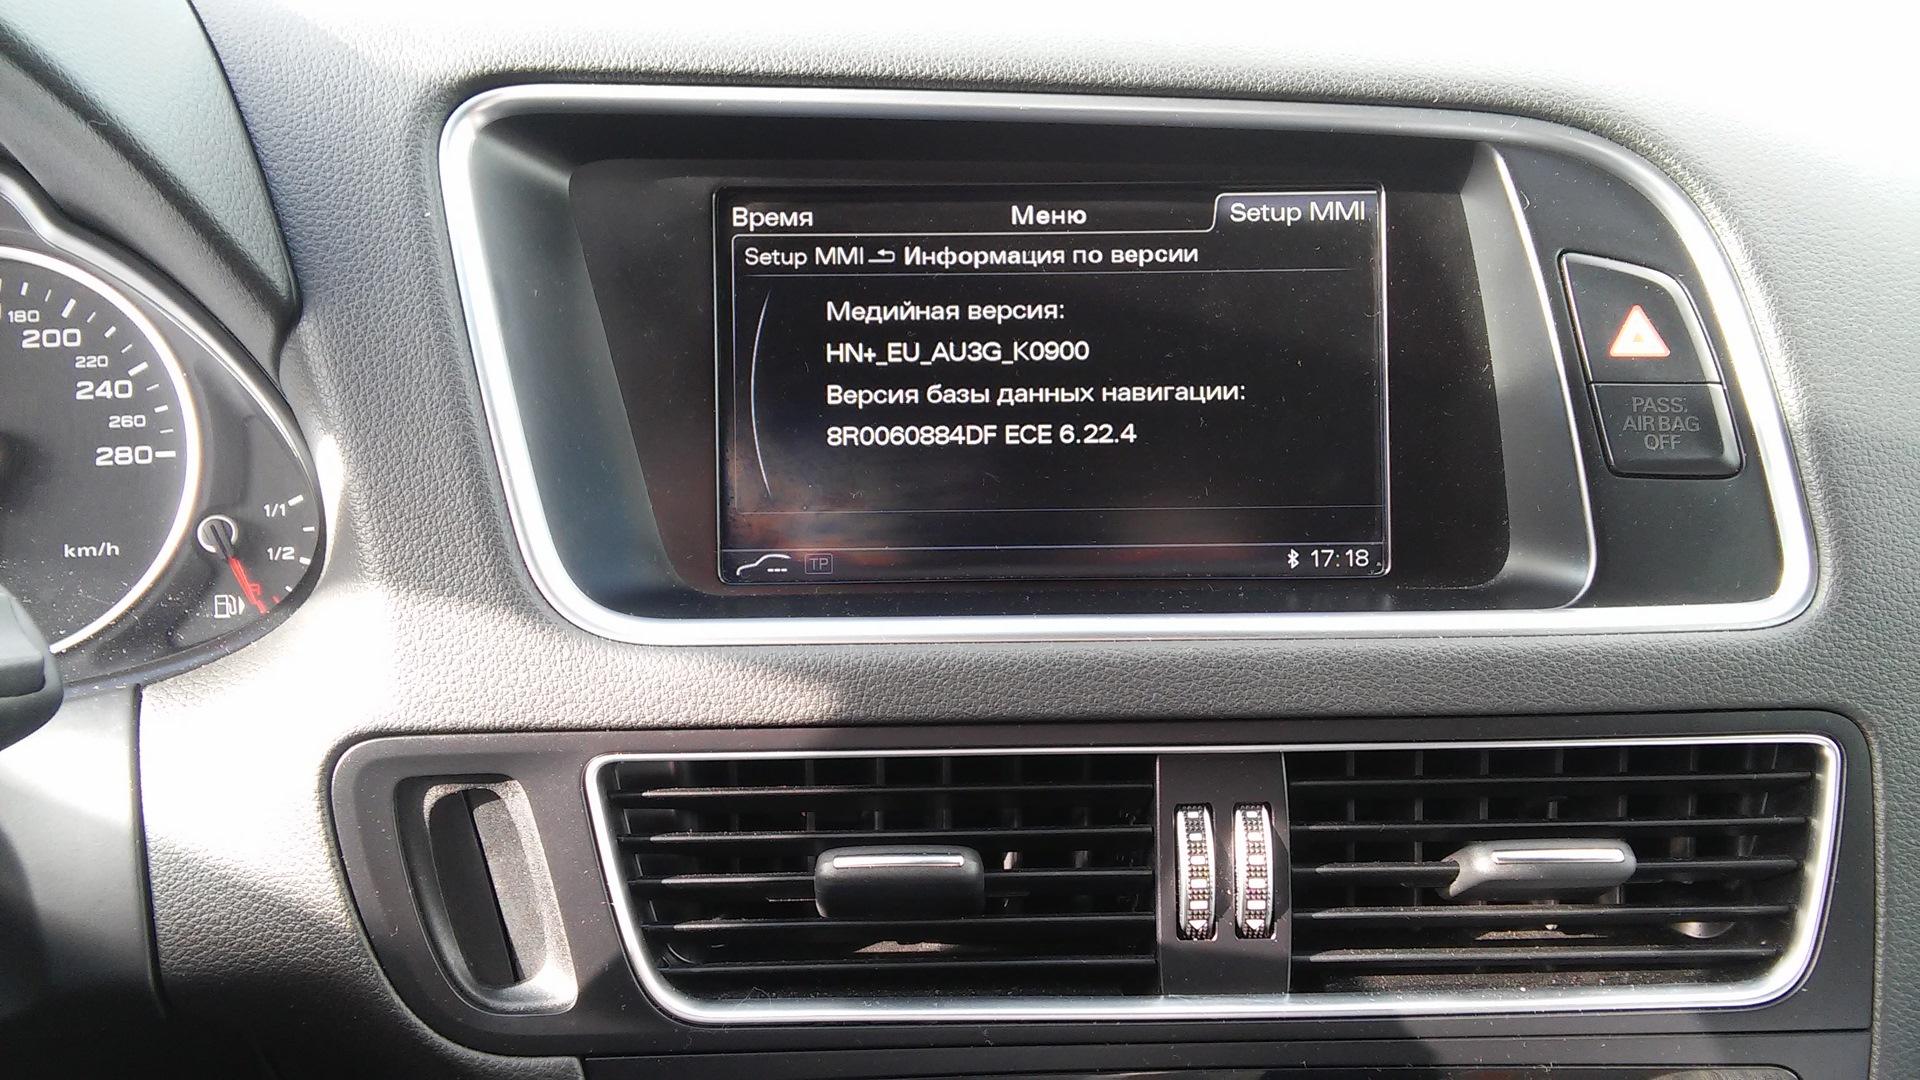 Обновили MMI 3G+ на Audi Q5 — DRIVE2